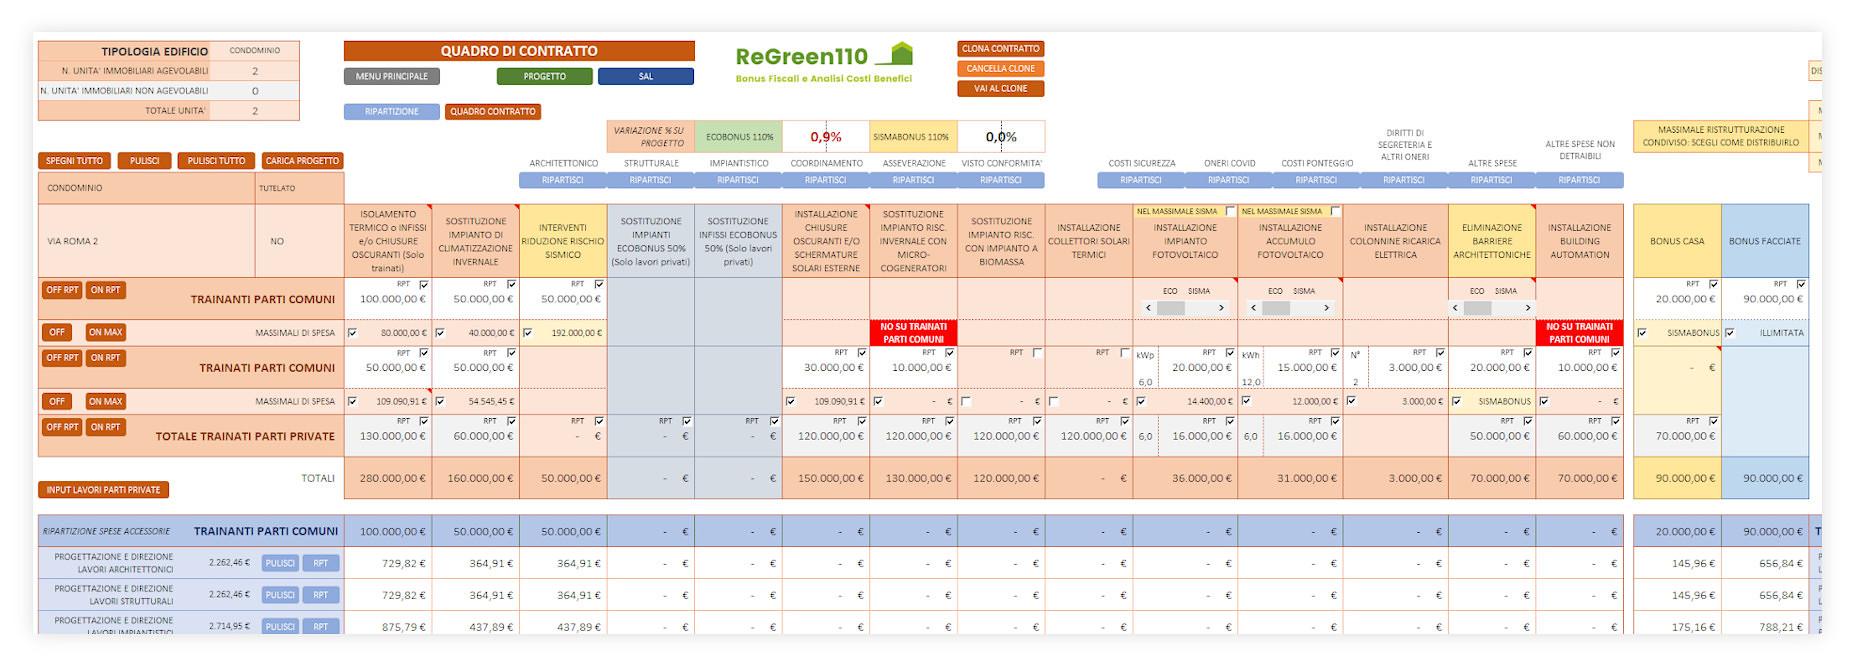 ReGreen110 importi da contratto